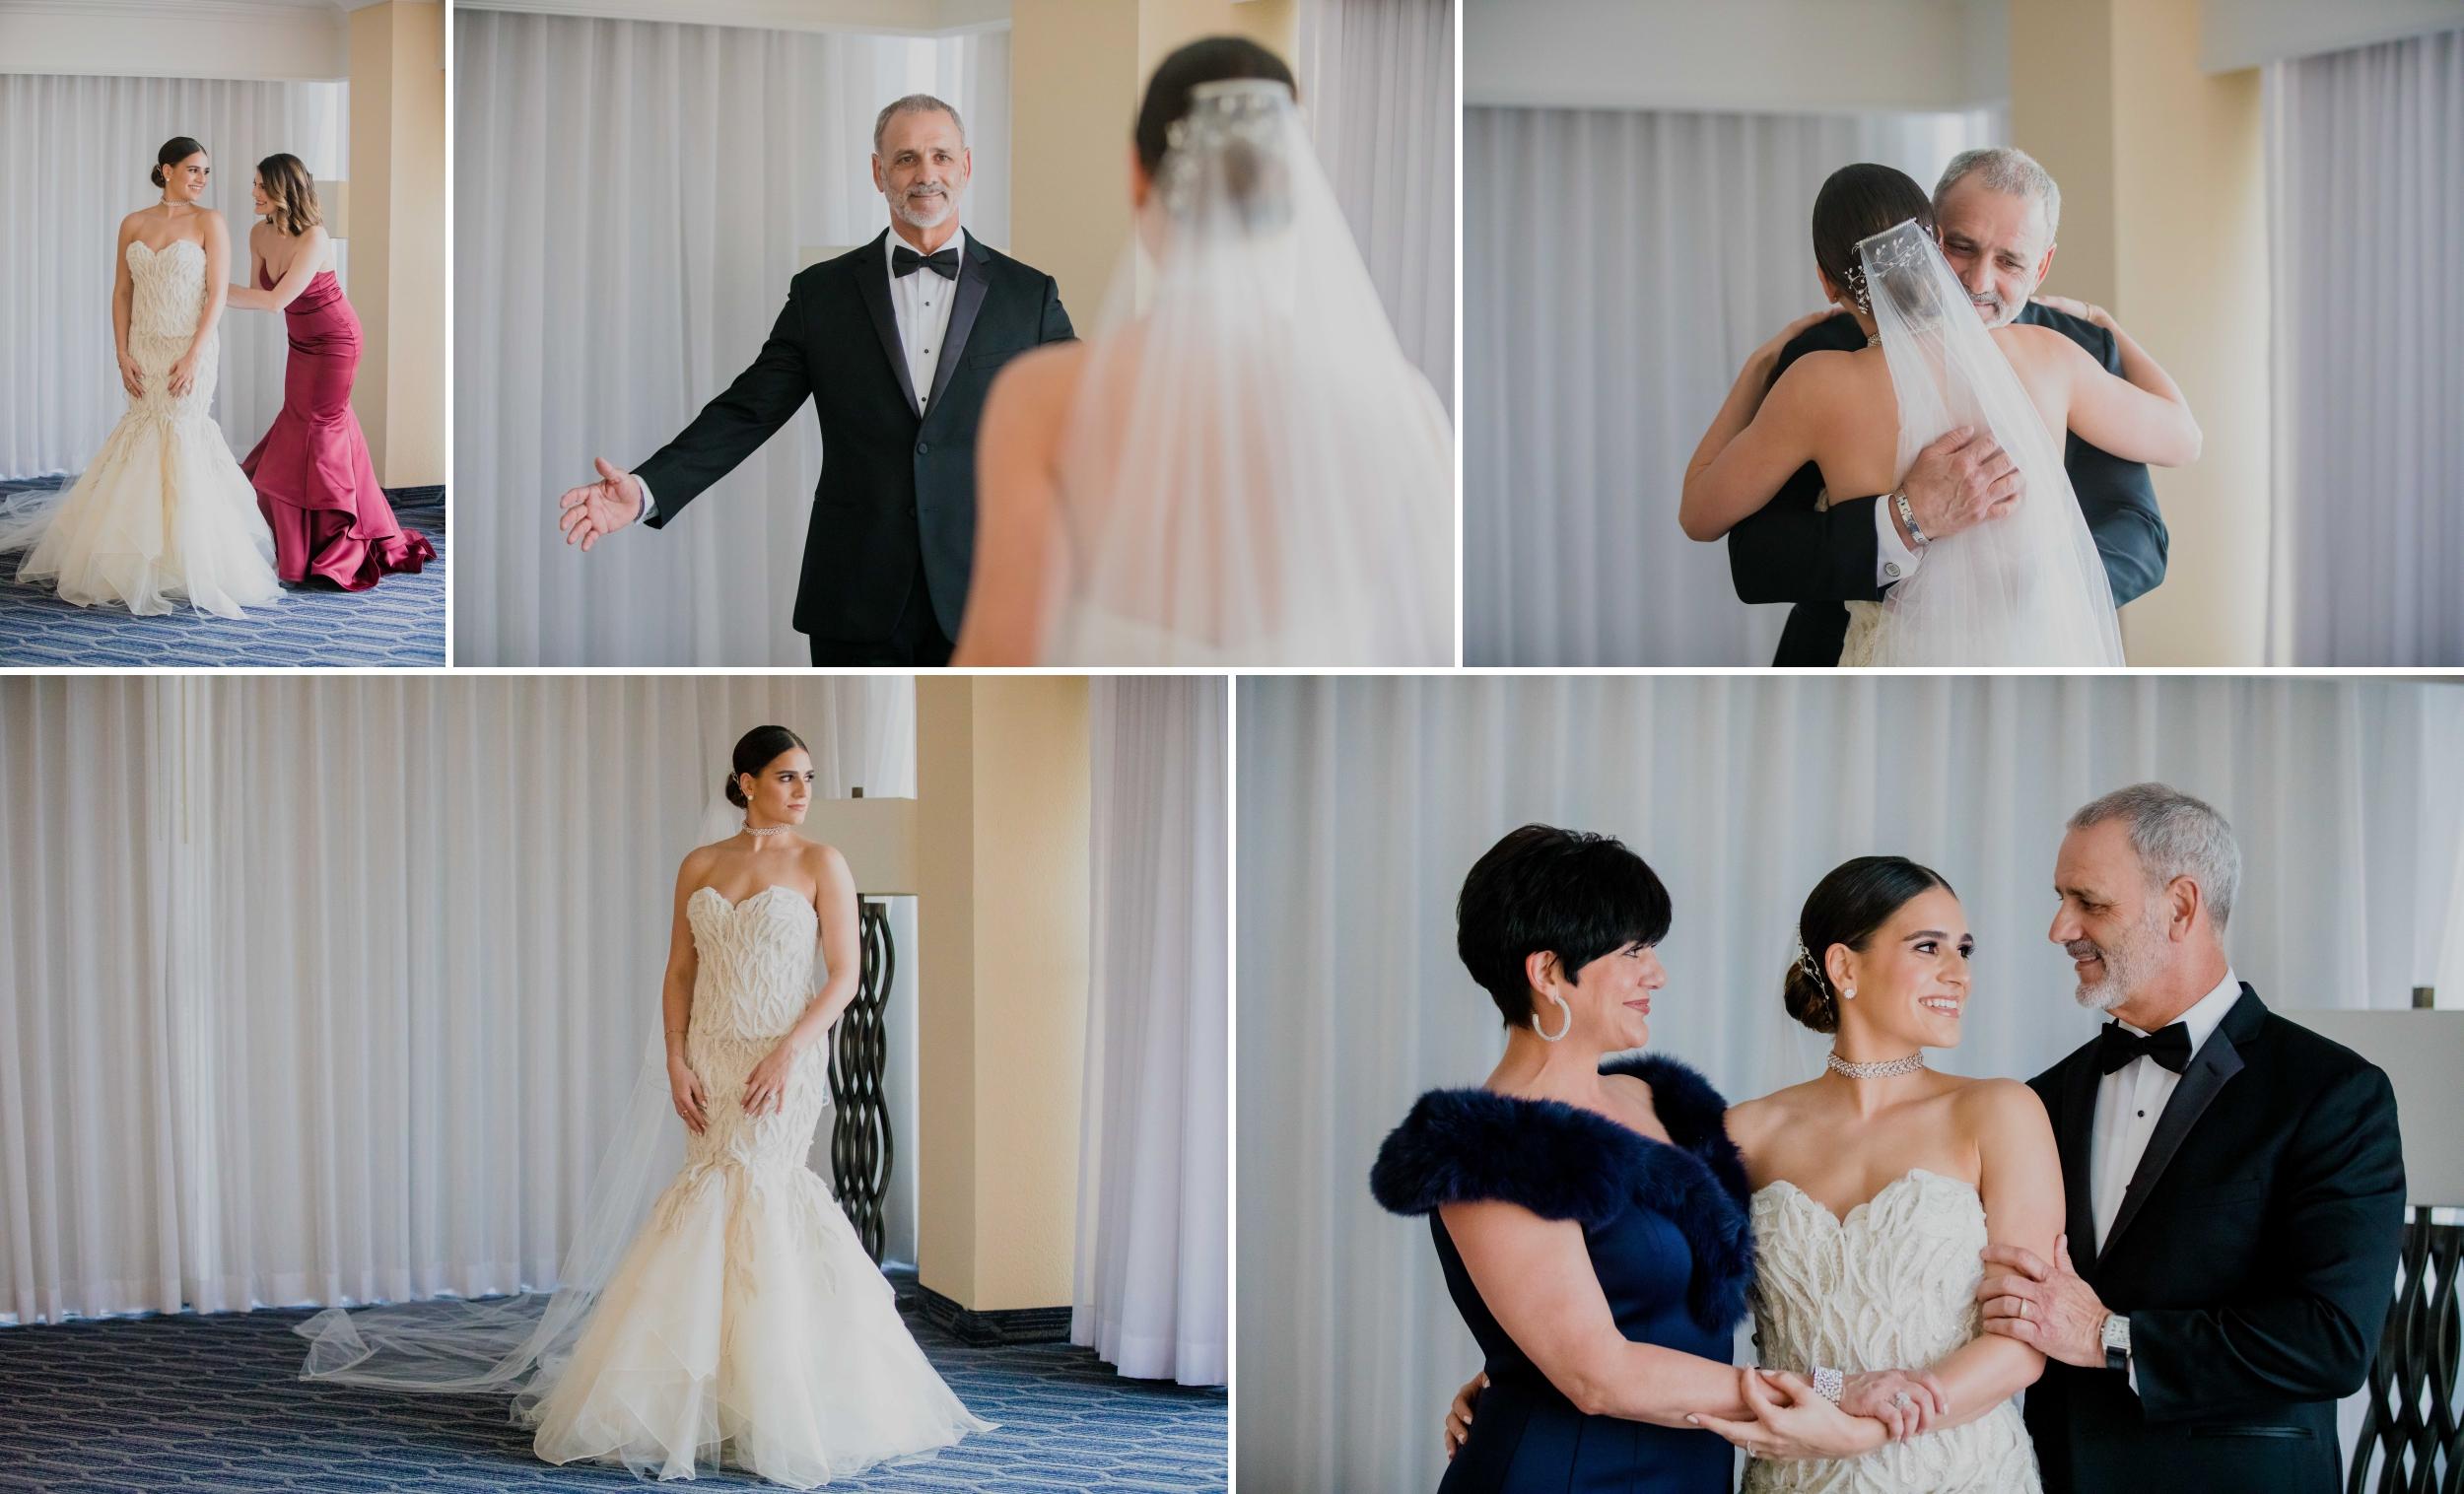 Wedding Biscayne Bay Marriott - Cassie and Jose 4.jpg